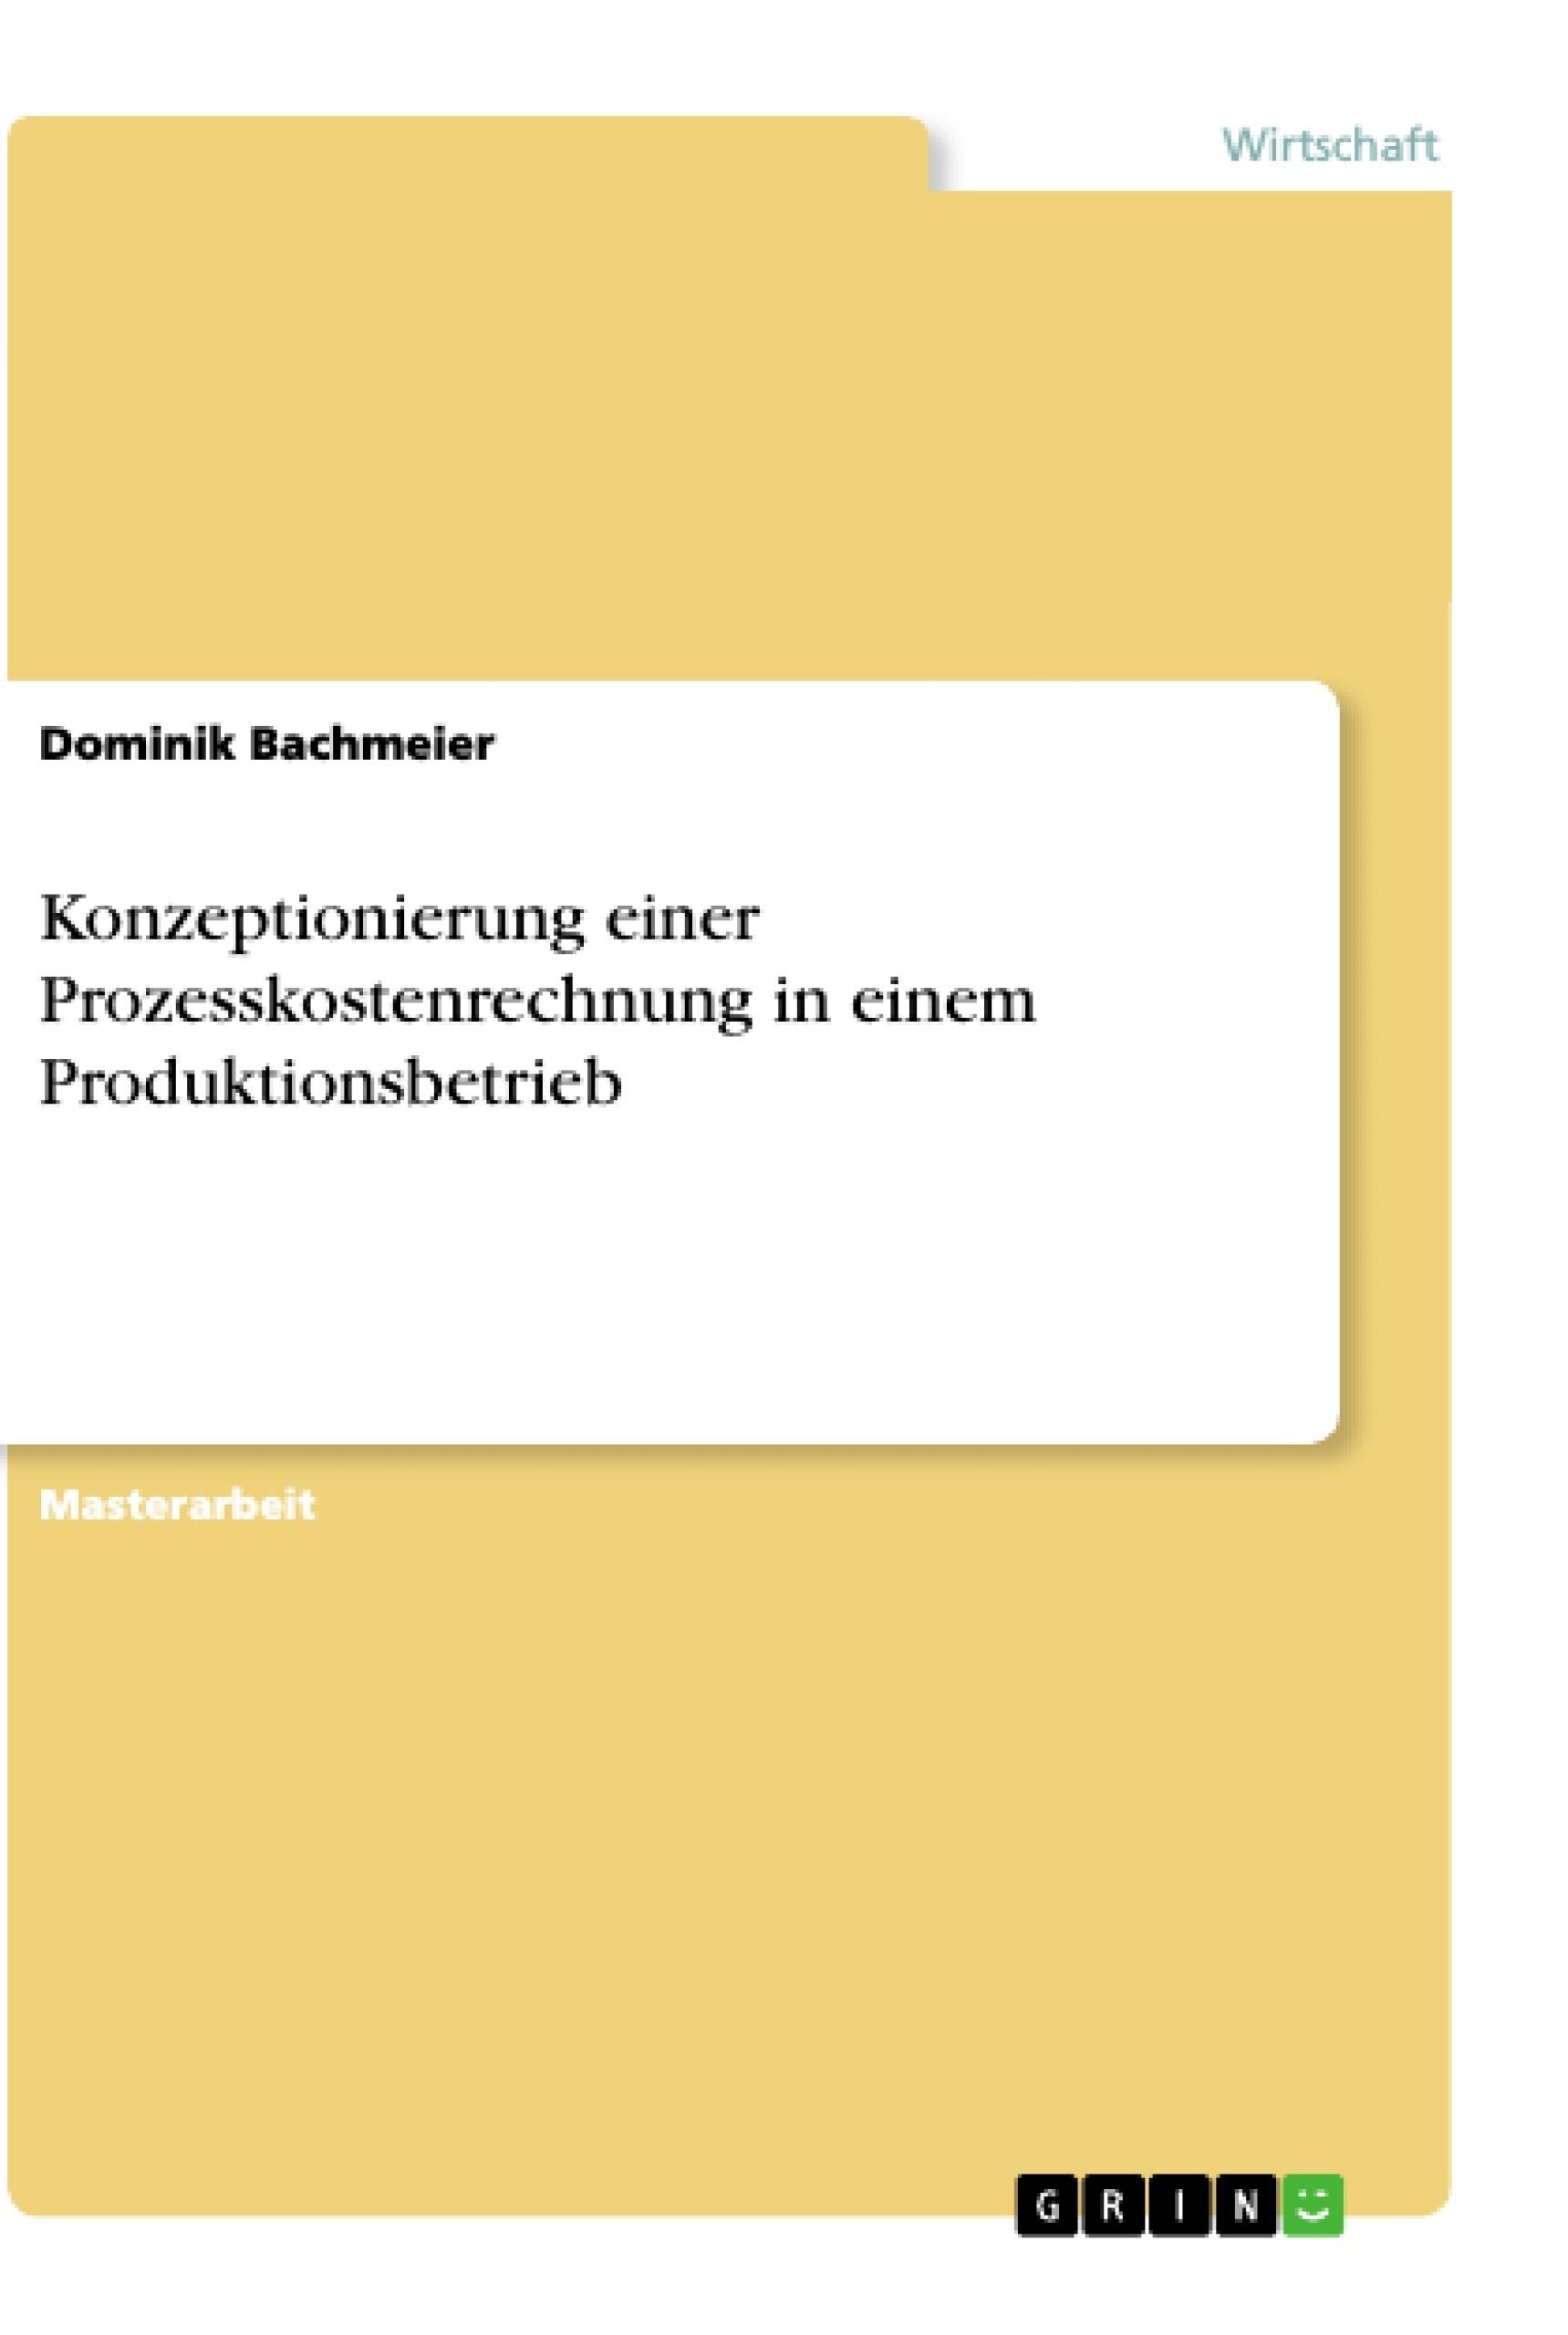 Titel: Konzeptionierung einer Prozesskostenrechnung in einem Produktionsbetrieb